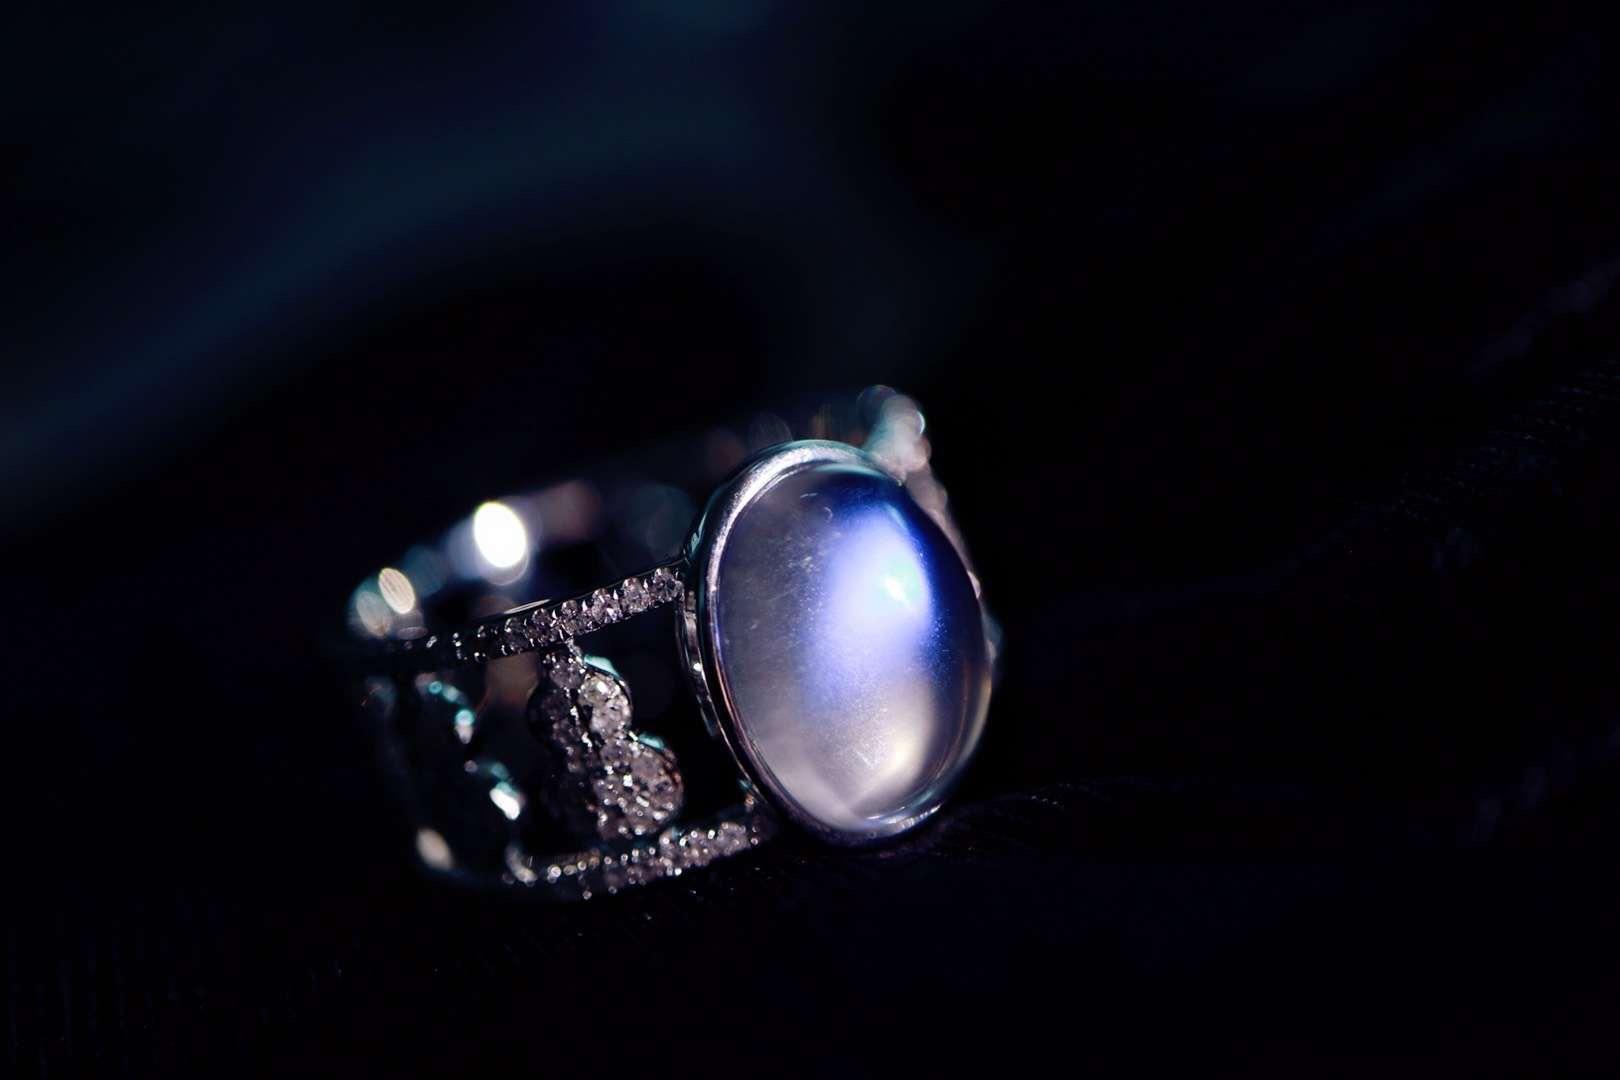 【菩心 | 斯里兰卡月光石】感觉整个人也如月光般悠然自在!!-菩心晶舍